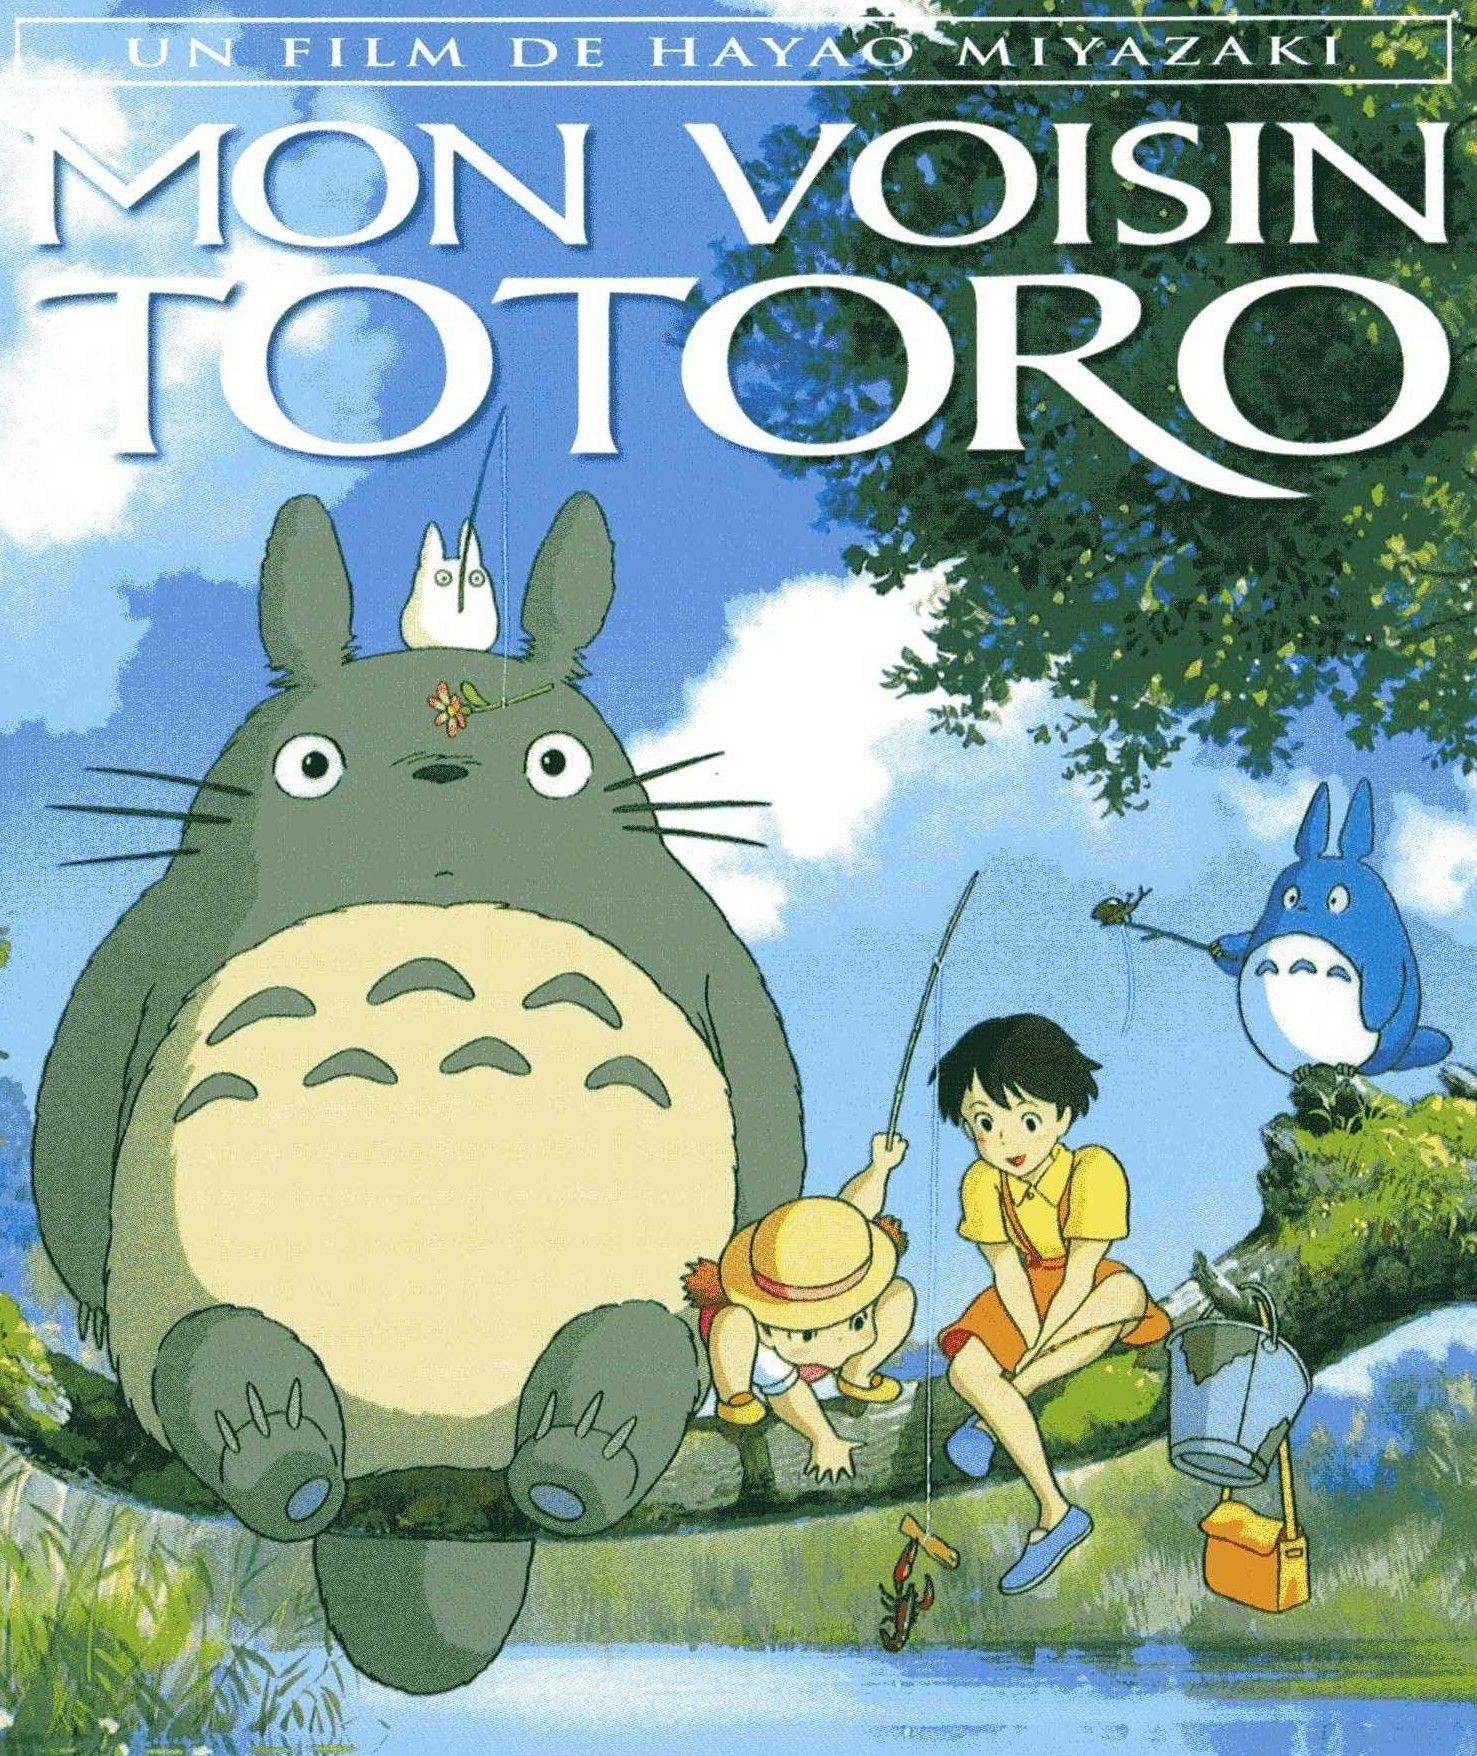 MIYAZAKI Mon voisin Totoro Totoro, Mon voisin totoro